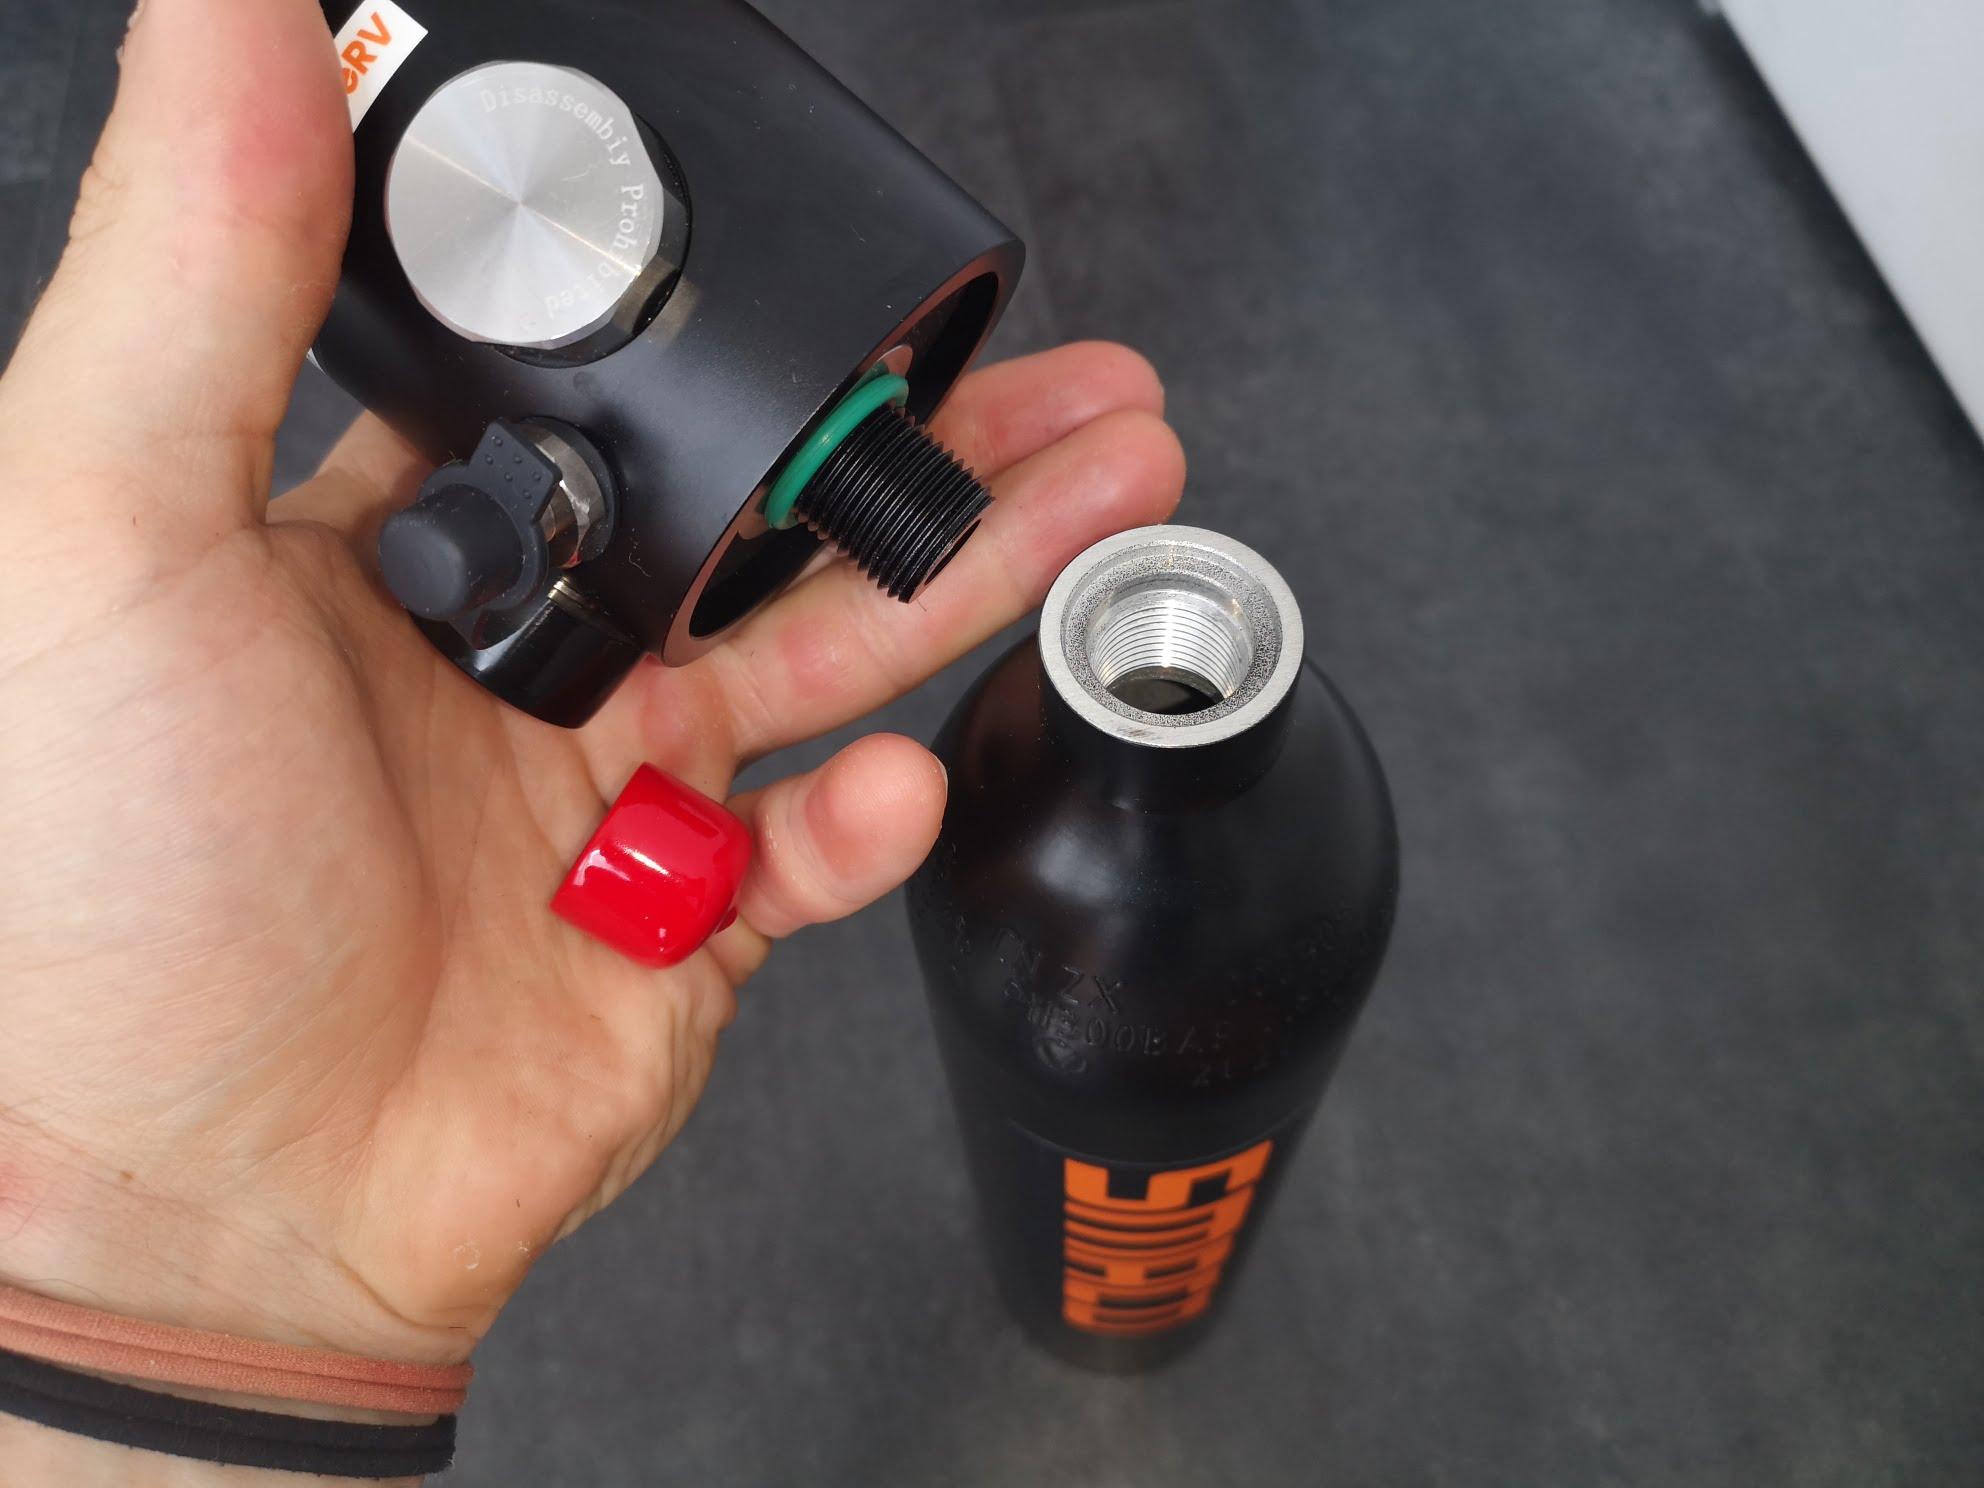 Indicateur de pression test mini-bouteille de plongée S300 +